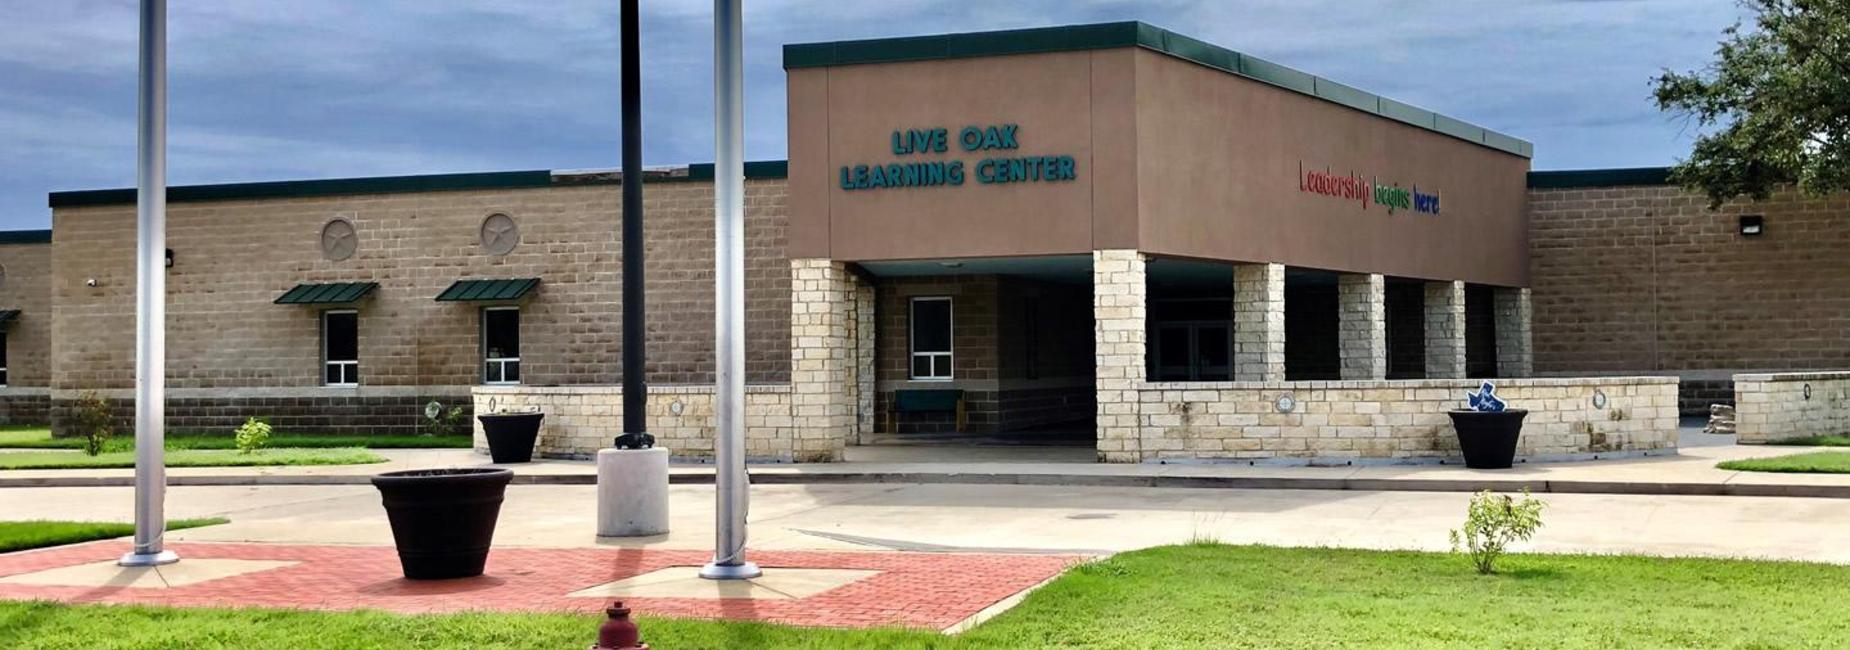 Live Oak Learning Center